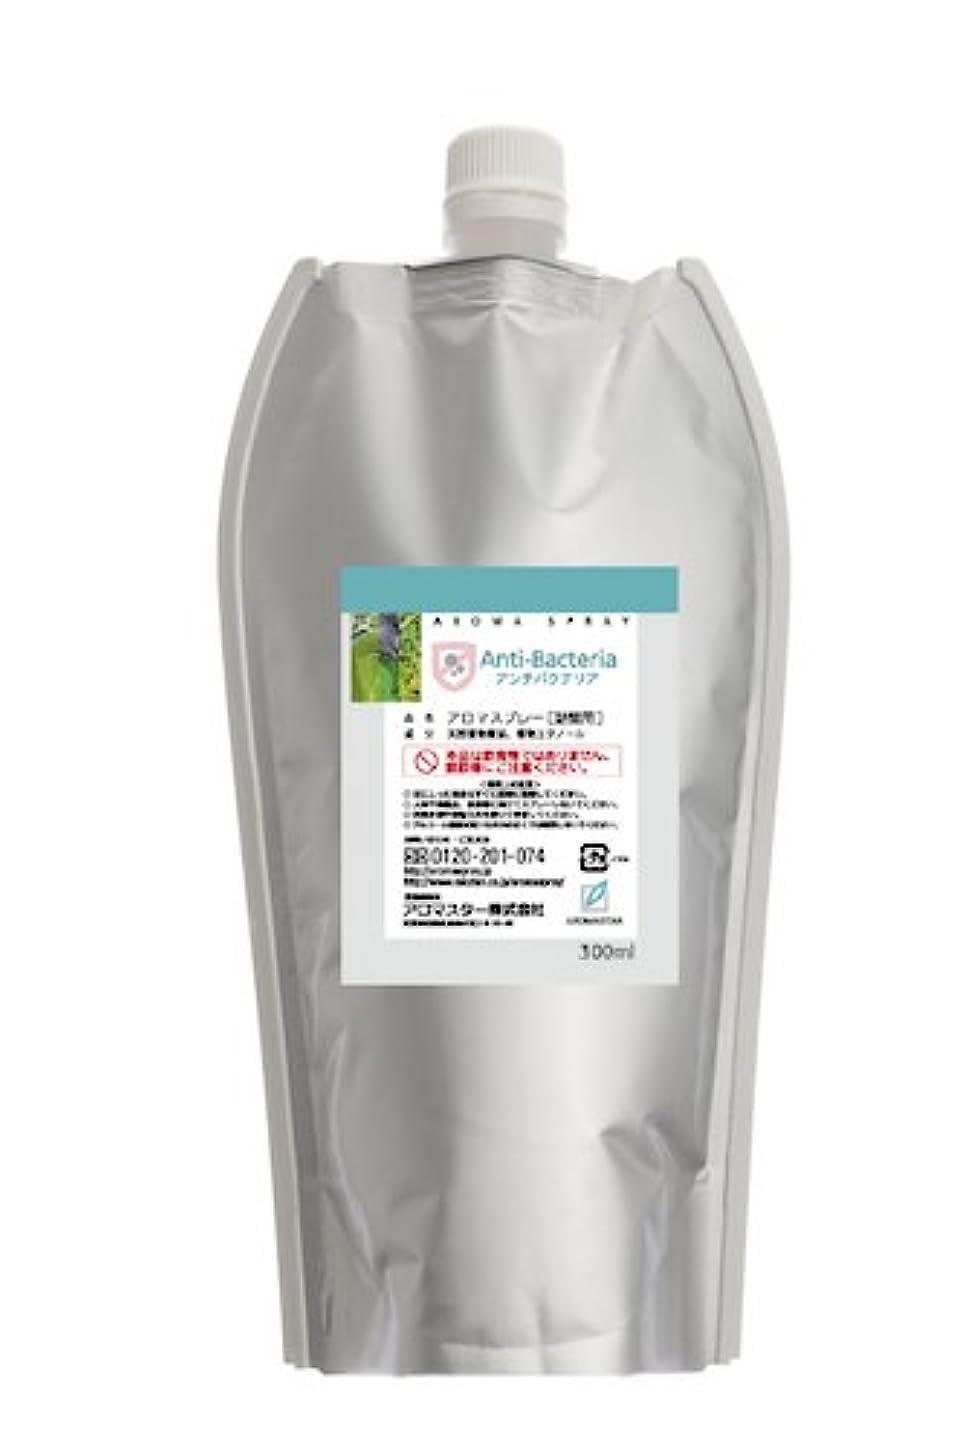 それる物足りないピッチAROMASTAR(アロマスター) アロマスプレー アンチバクテリア 300ml詰替用(エコパック)